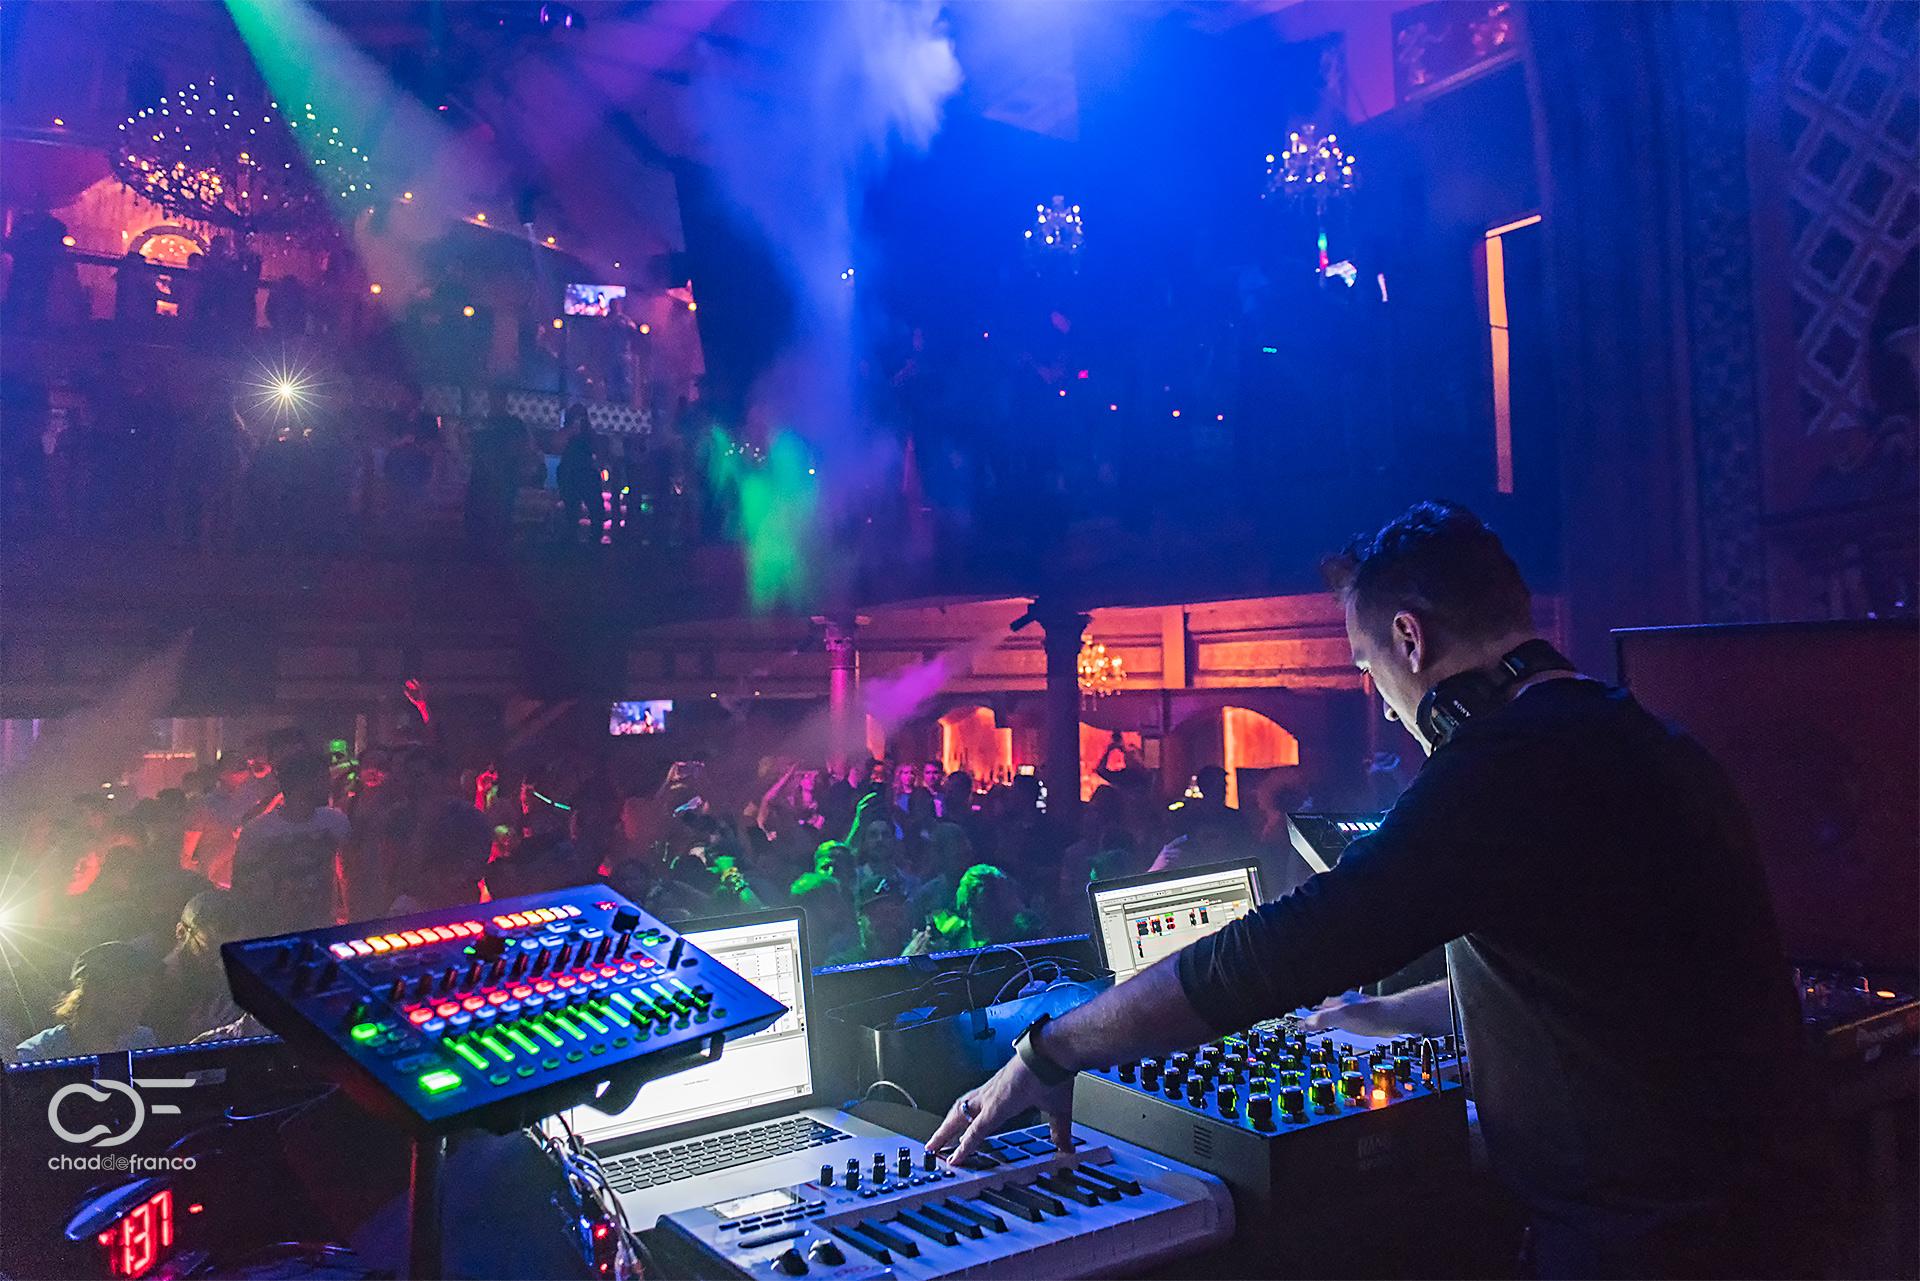 Paul van Dyk and his DJ setup